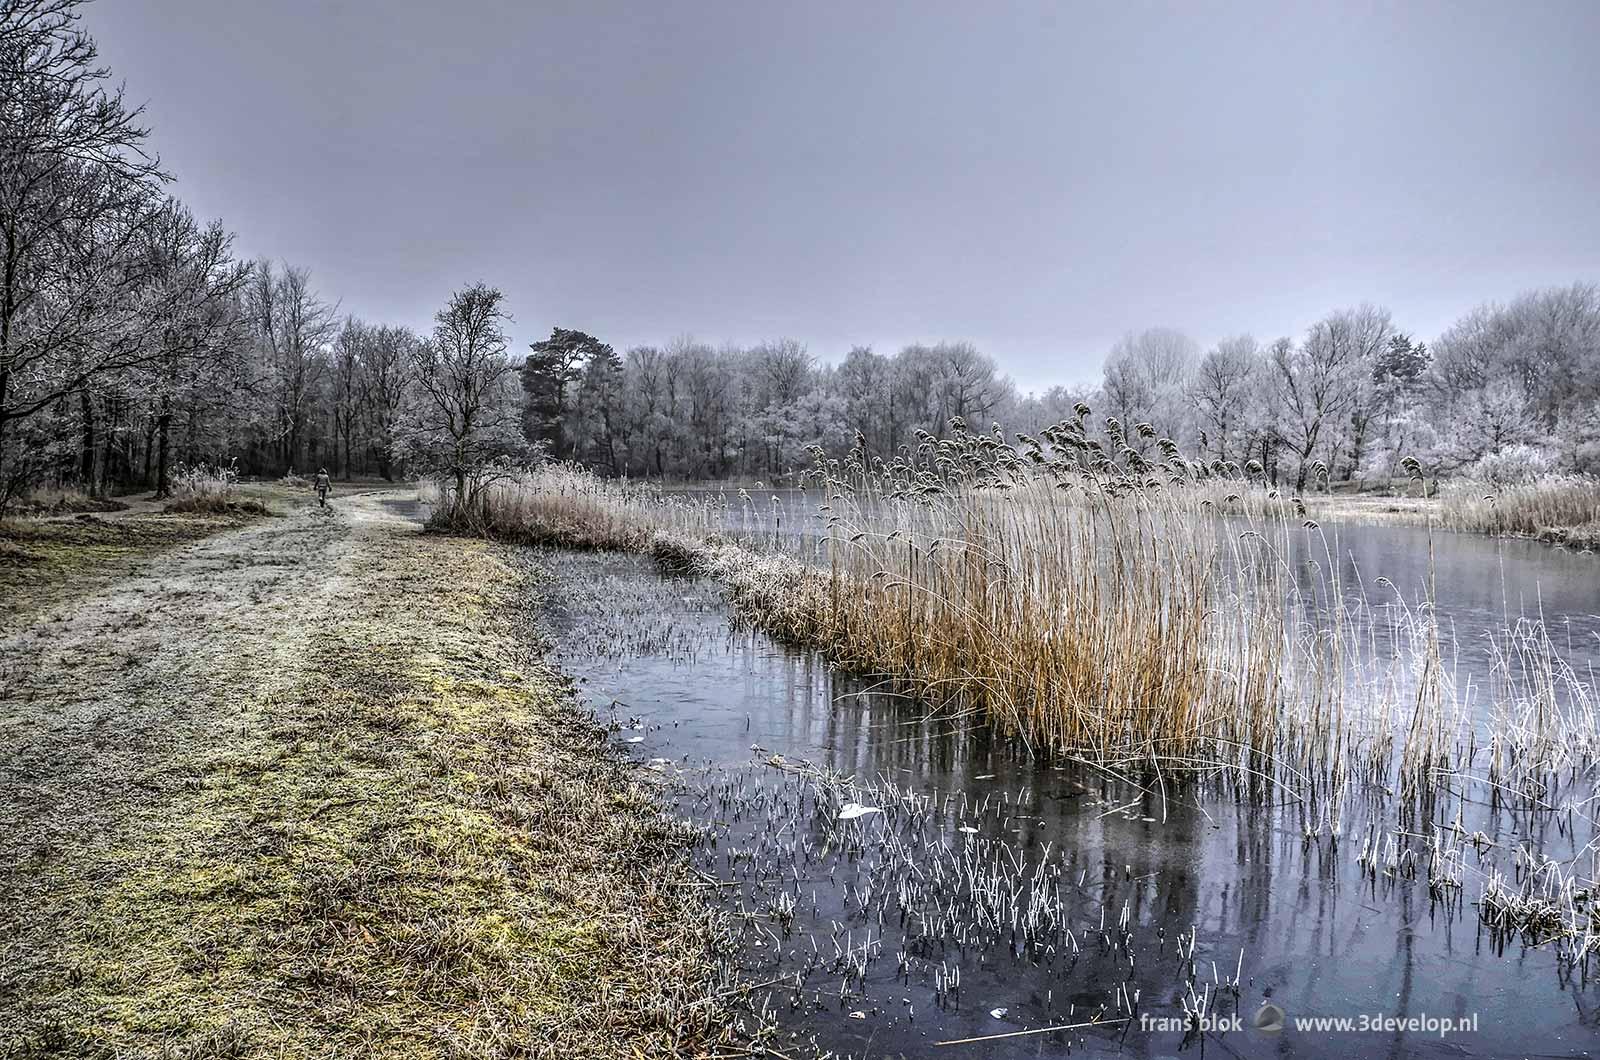 Winterse foto van de bevroren Tenellaplas bij Oostvoorne met rijp op riet, bomen en struiken en een eenzame wandelaar